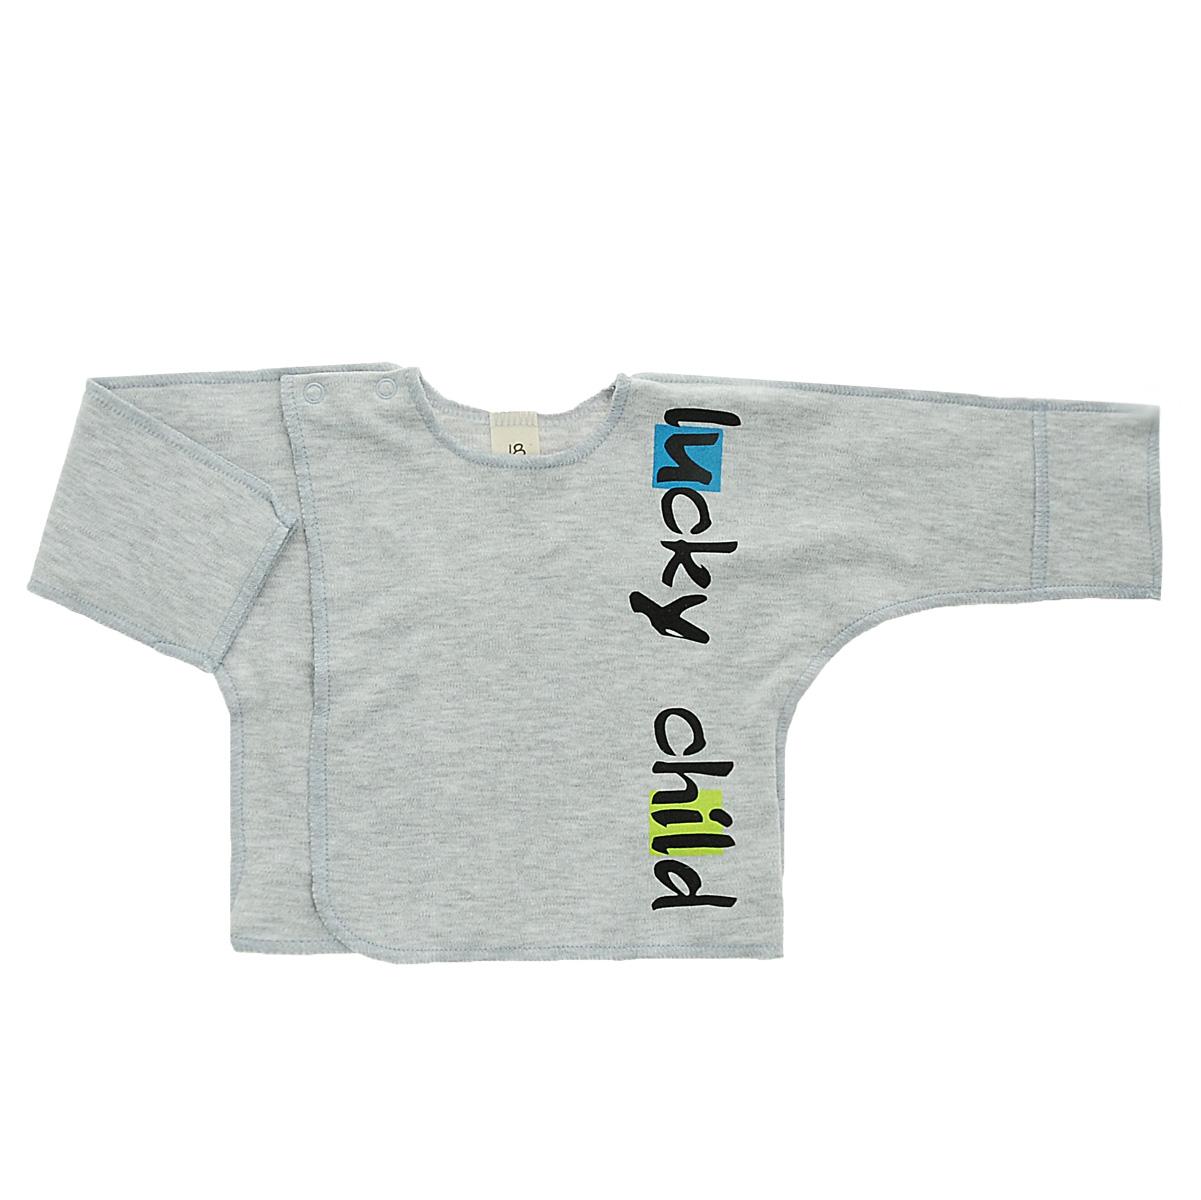 Распашонка1-8Распашонка для новорожденного Lucky Child с длинными рукавами послужит идеальным дополнением к гардеробу вашего малыша, обеспечивая ему наибольший комфорт. Распашонка изготовлена из интерлока - натурального хлопка, благодаря чему она необычайно мягкая и легкая, не раздражает нежную кожу ребенка и хорошо вентилируется, а эластичные швы приятны телу малыша и не препятствуют его движениям. Распашонка-кимоно для новорожденного с закрытыми ручками, выполненная швами наружу, спереди оформлена надписью Lucky Child. Благодаря системе застежек-кнопок по принципу кимоно модель можно полностью расстегнуть. А благодаря рукавичкам ребенок не поцарапает себя. Распашонка полностью соответствует особенностям жизни ребенка в ранний период, не стесняя и не ограничивая его в движениях. В ней ваш малыш всегда будет в центре внимания.